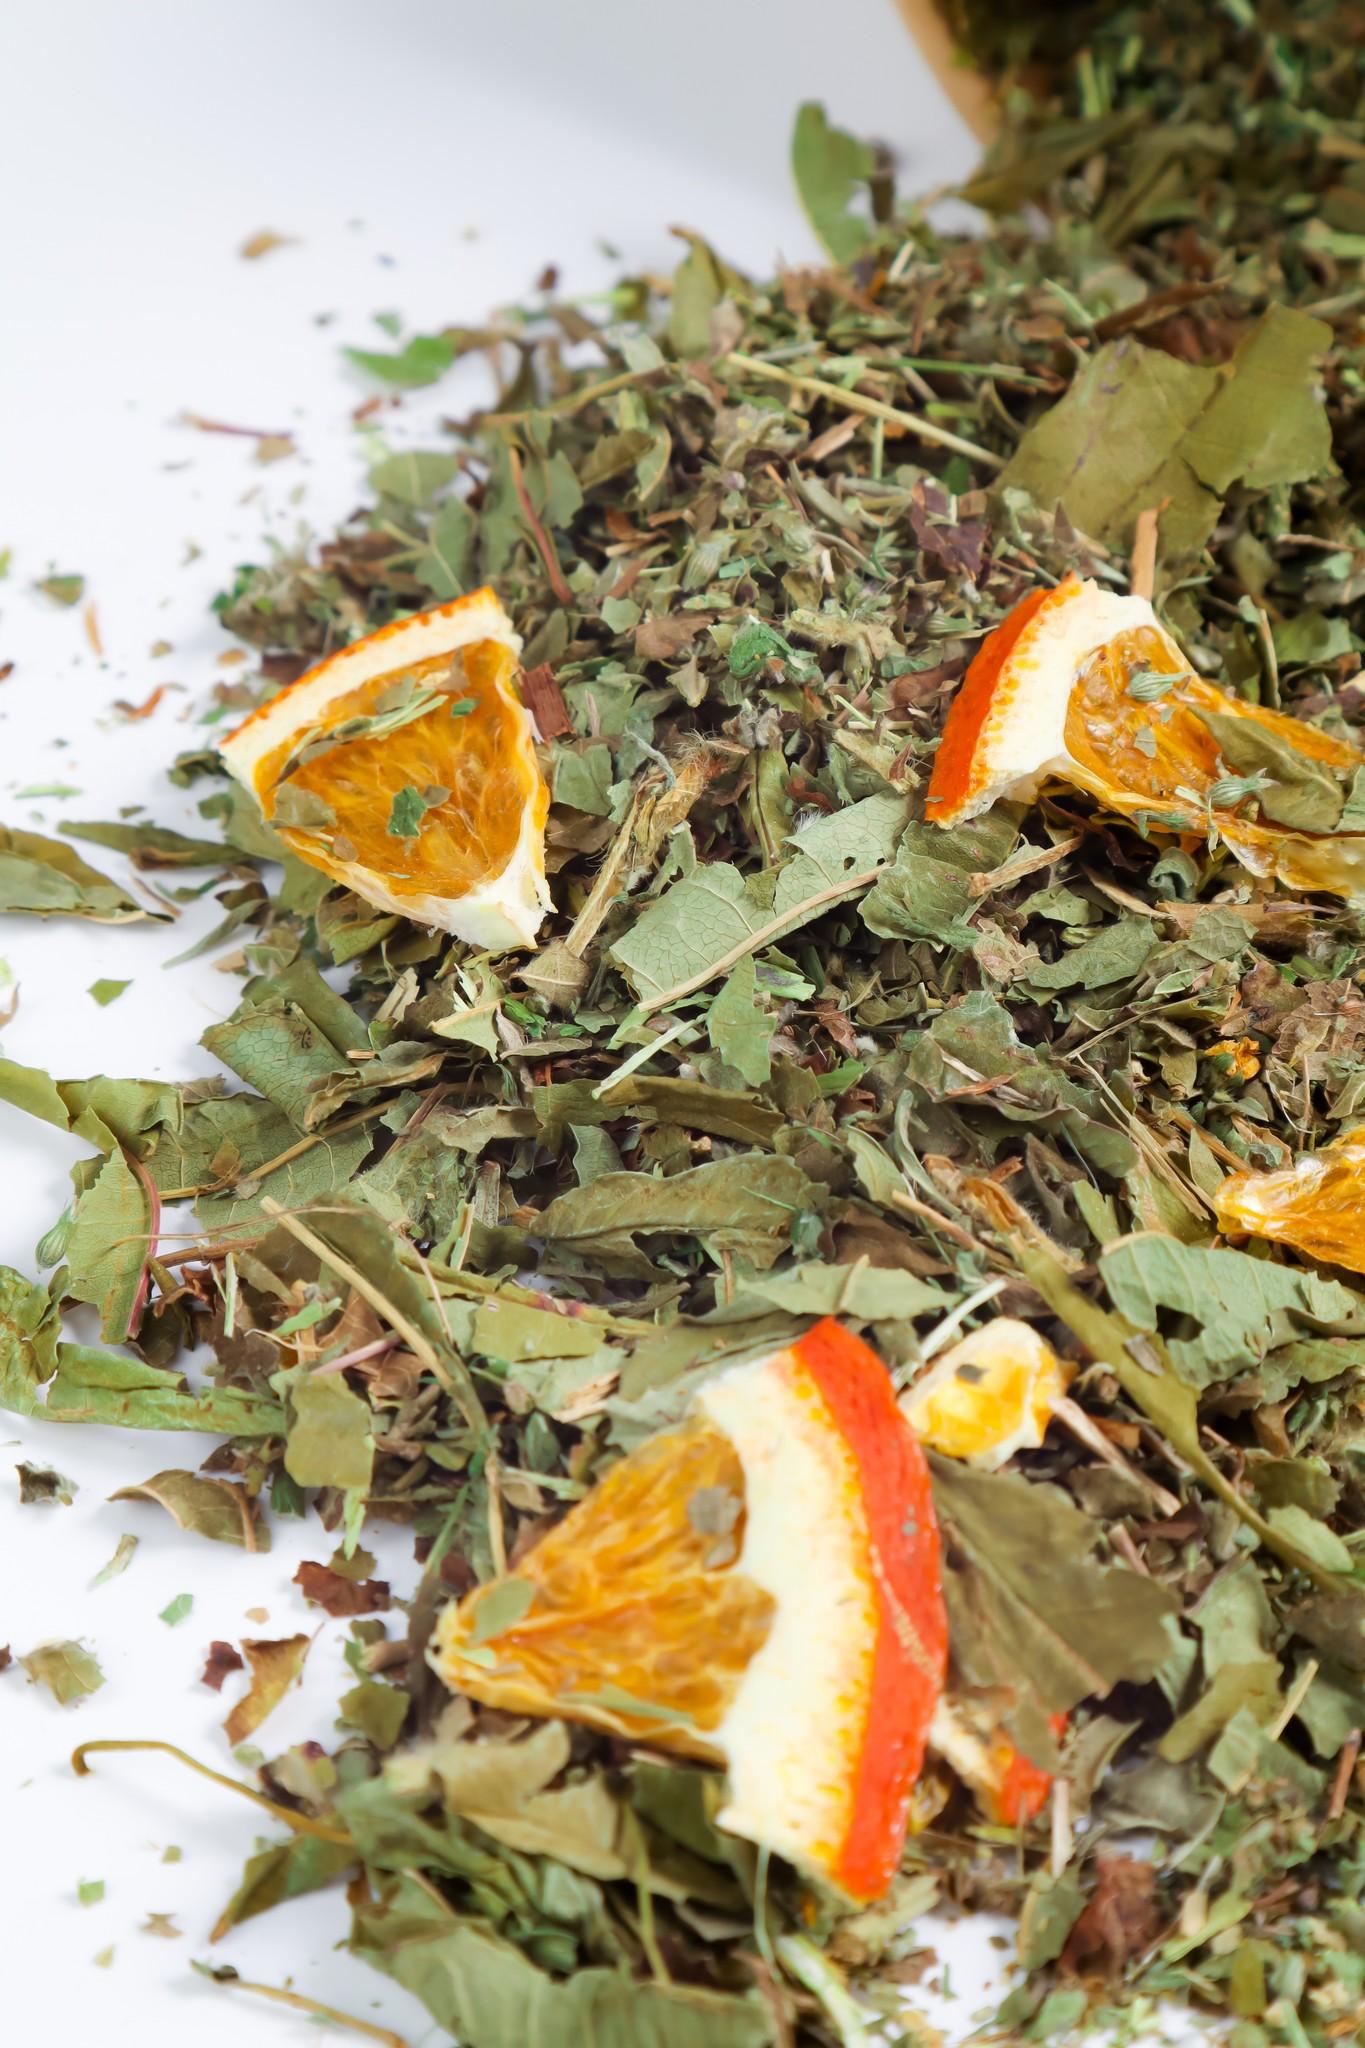 ЛИСИЧКИН ЧАЙ Травяной чай Контейнер биоразлагаемый крафт 70 грамм